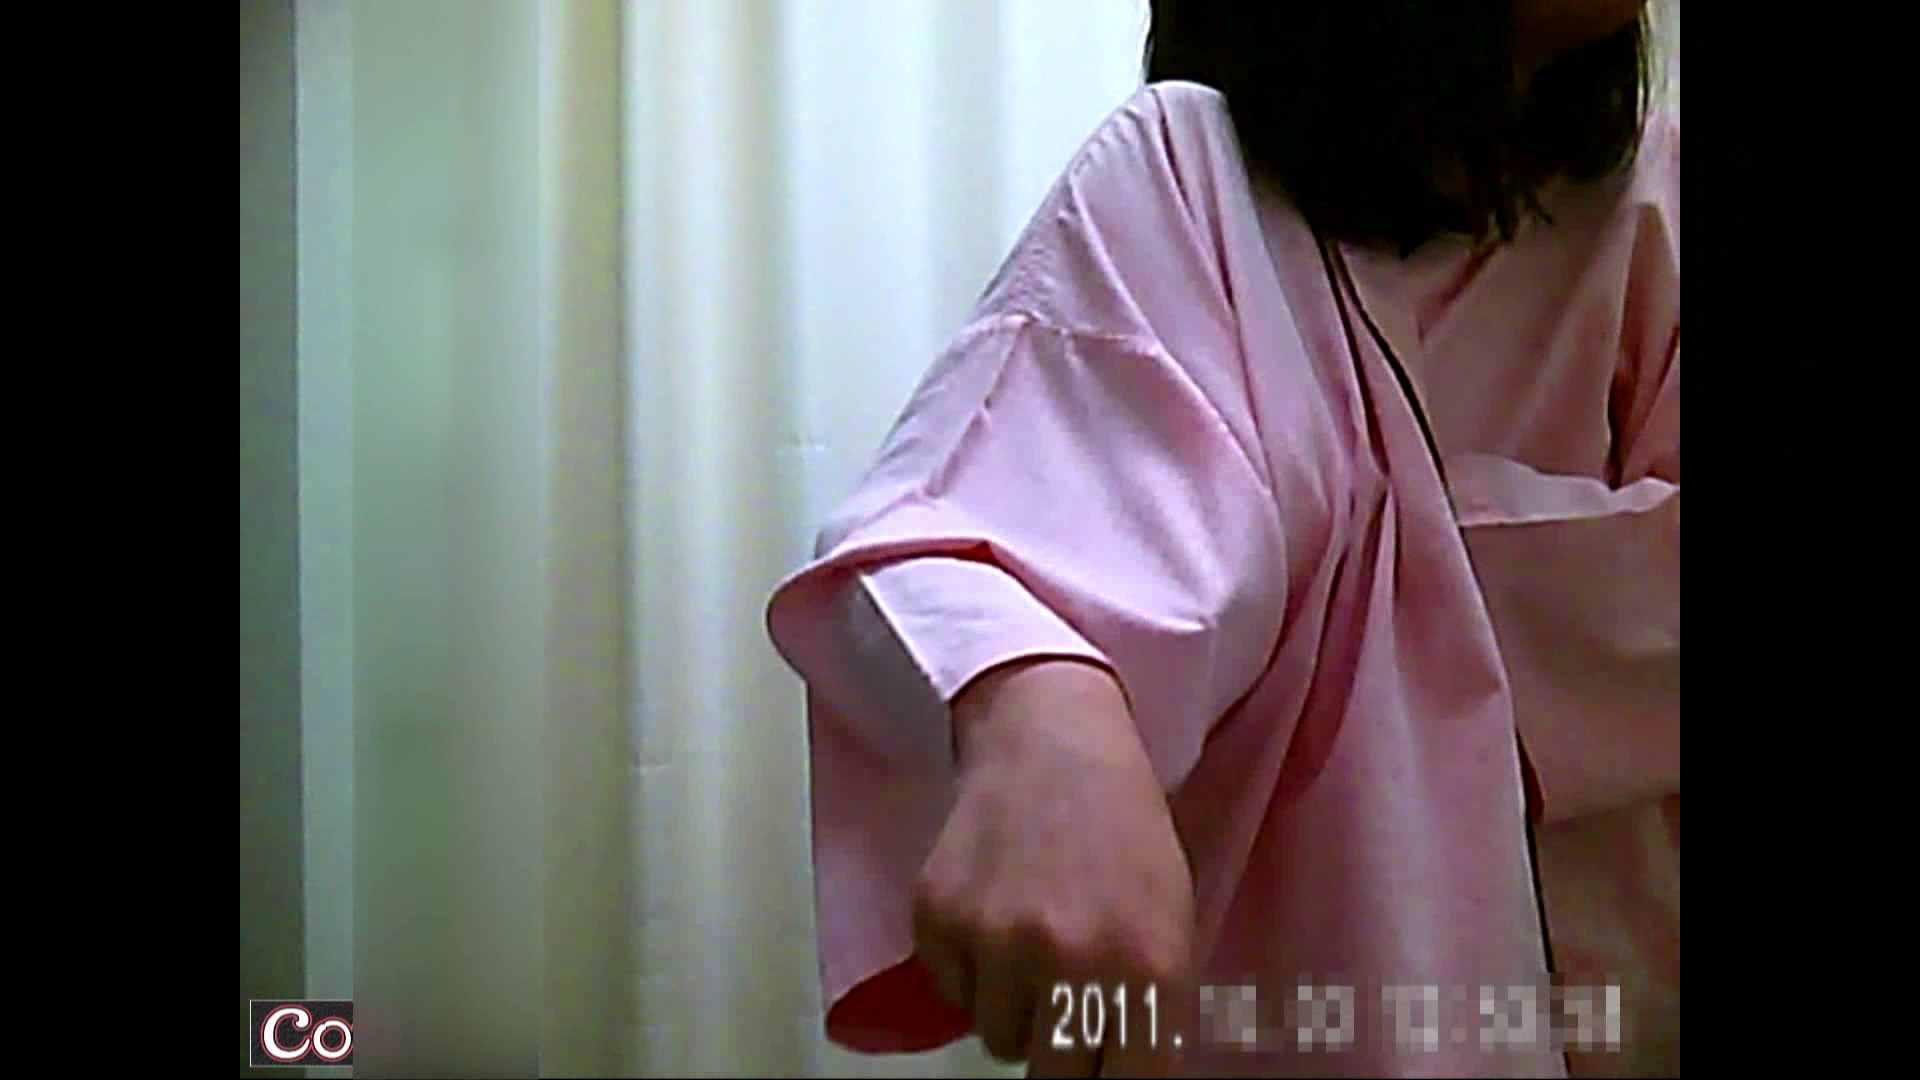 病院おもいっきり着替え! vol.48 盗撮 おめこ無修正動画無料 105PIX 2